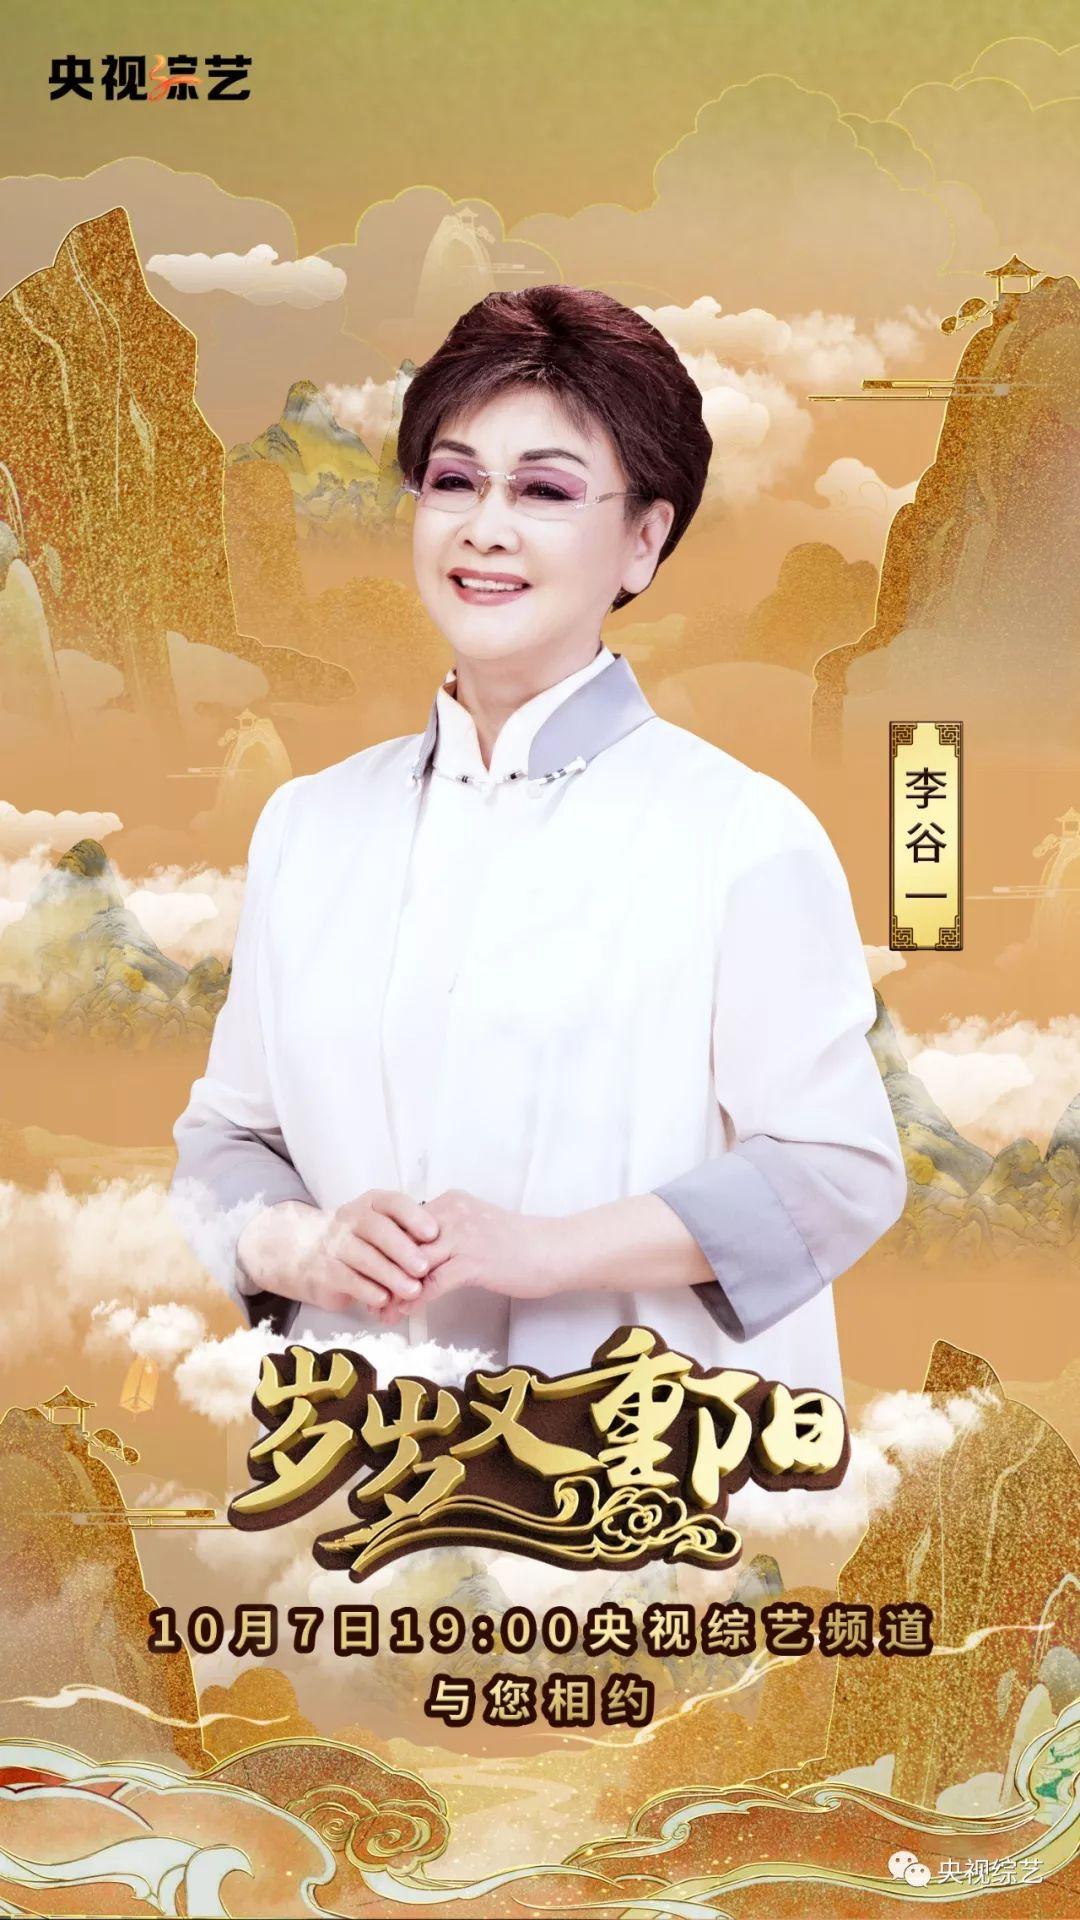 CCTV3《岁岁又重阳》精美海报抢先看!